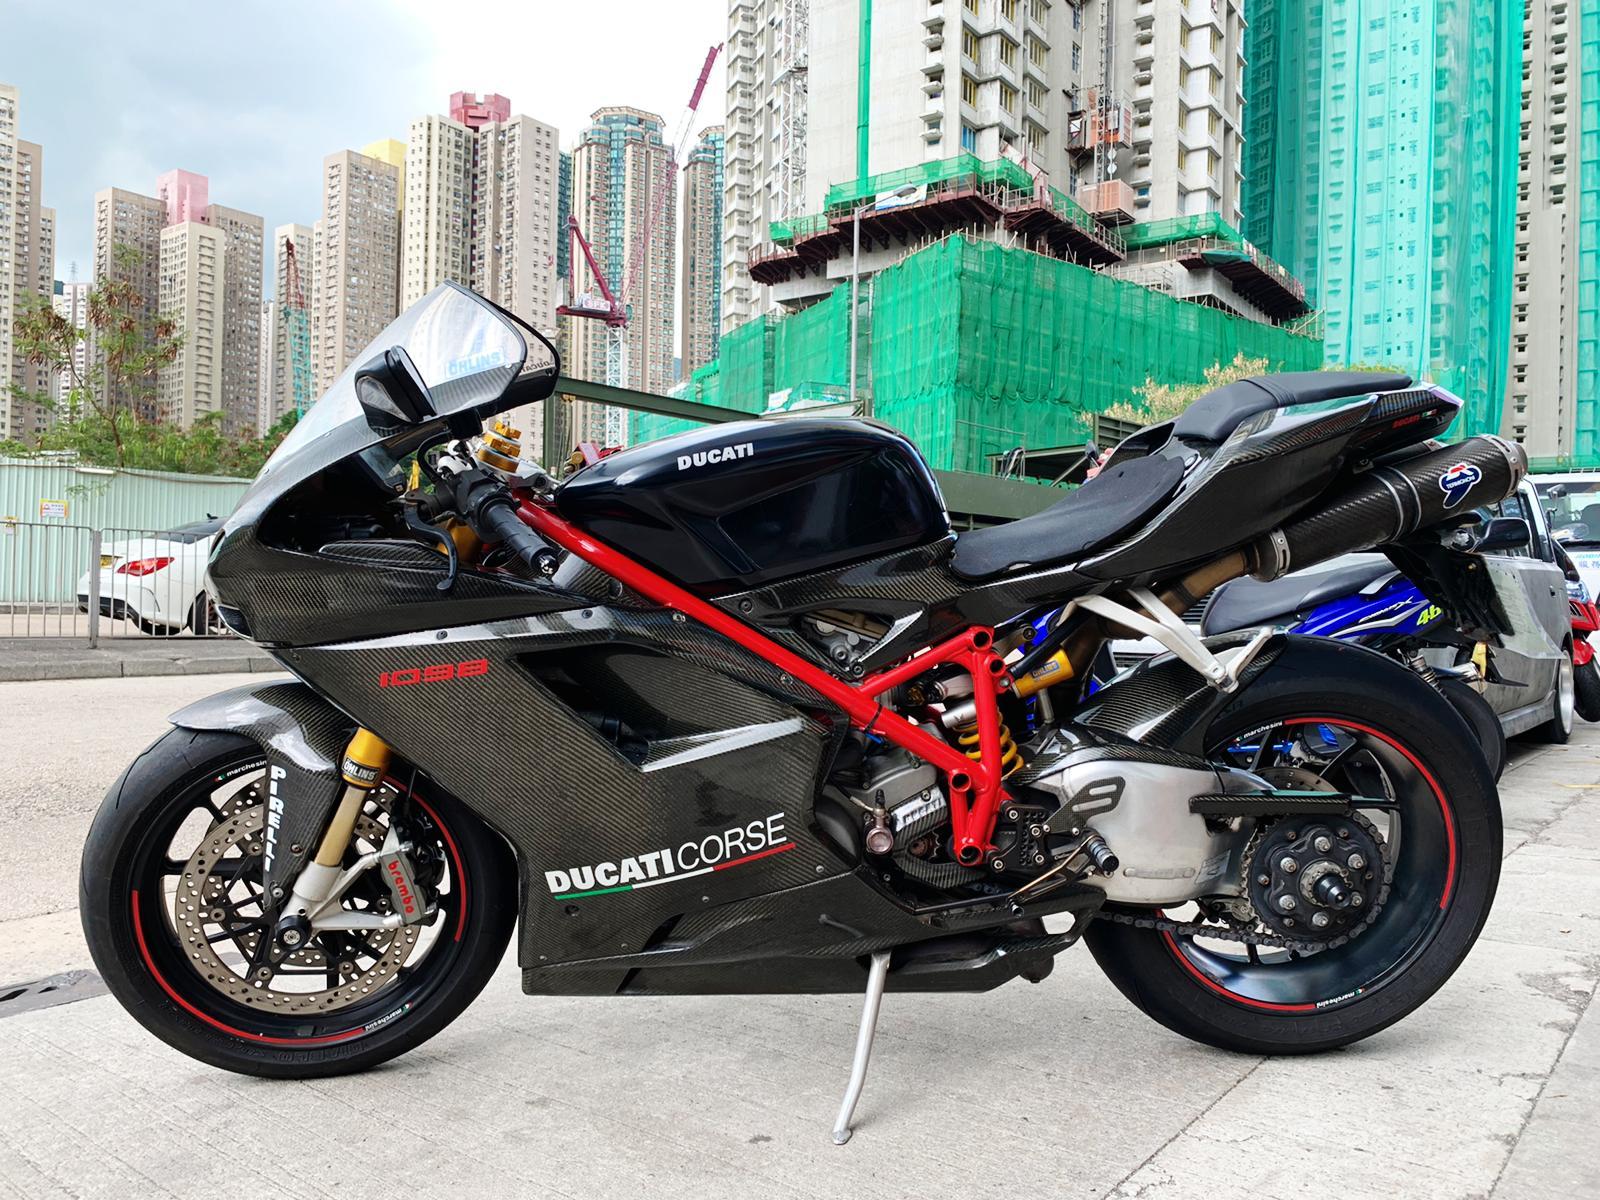 DUCATI Panigale 1098 2007 黑紅 - 「Webike摩托車市」